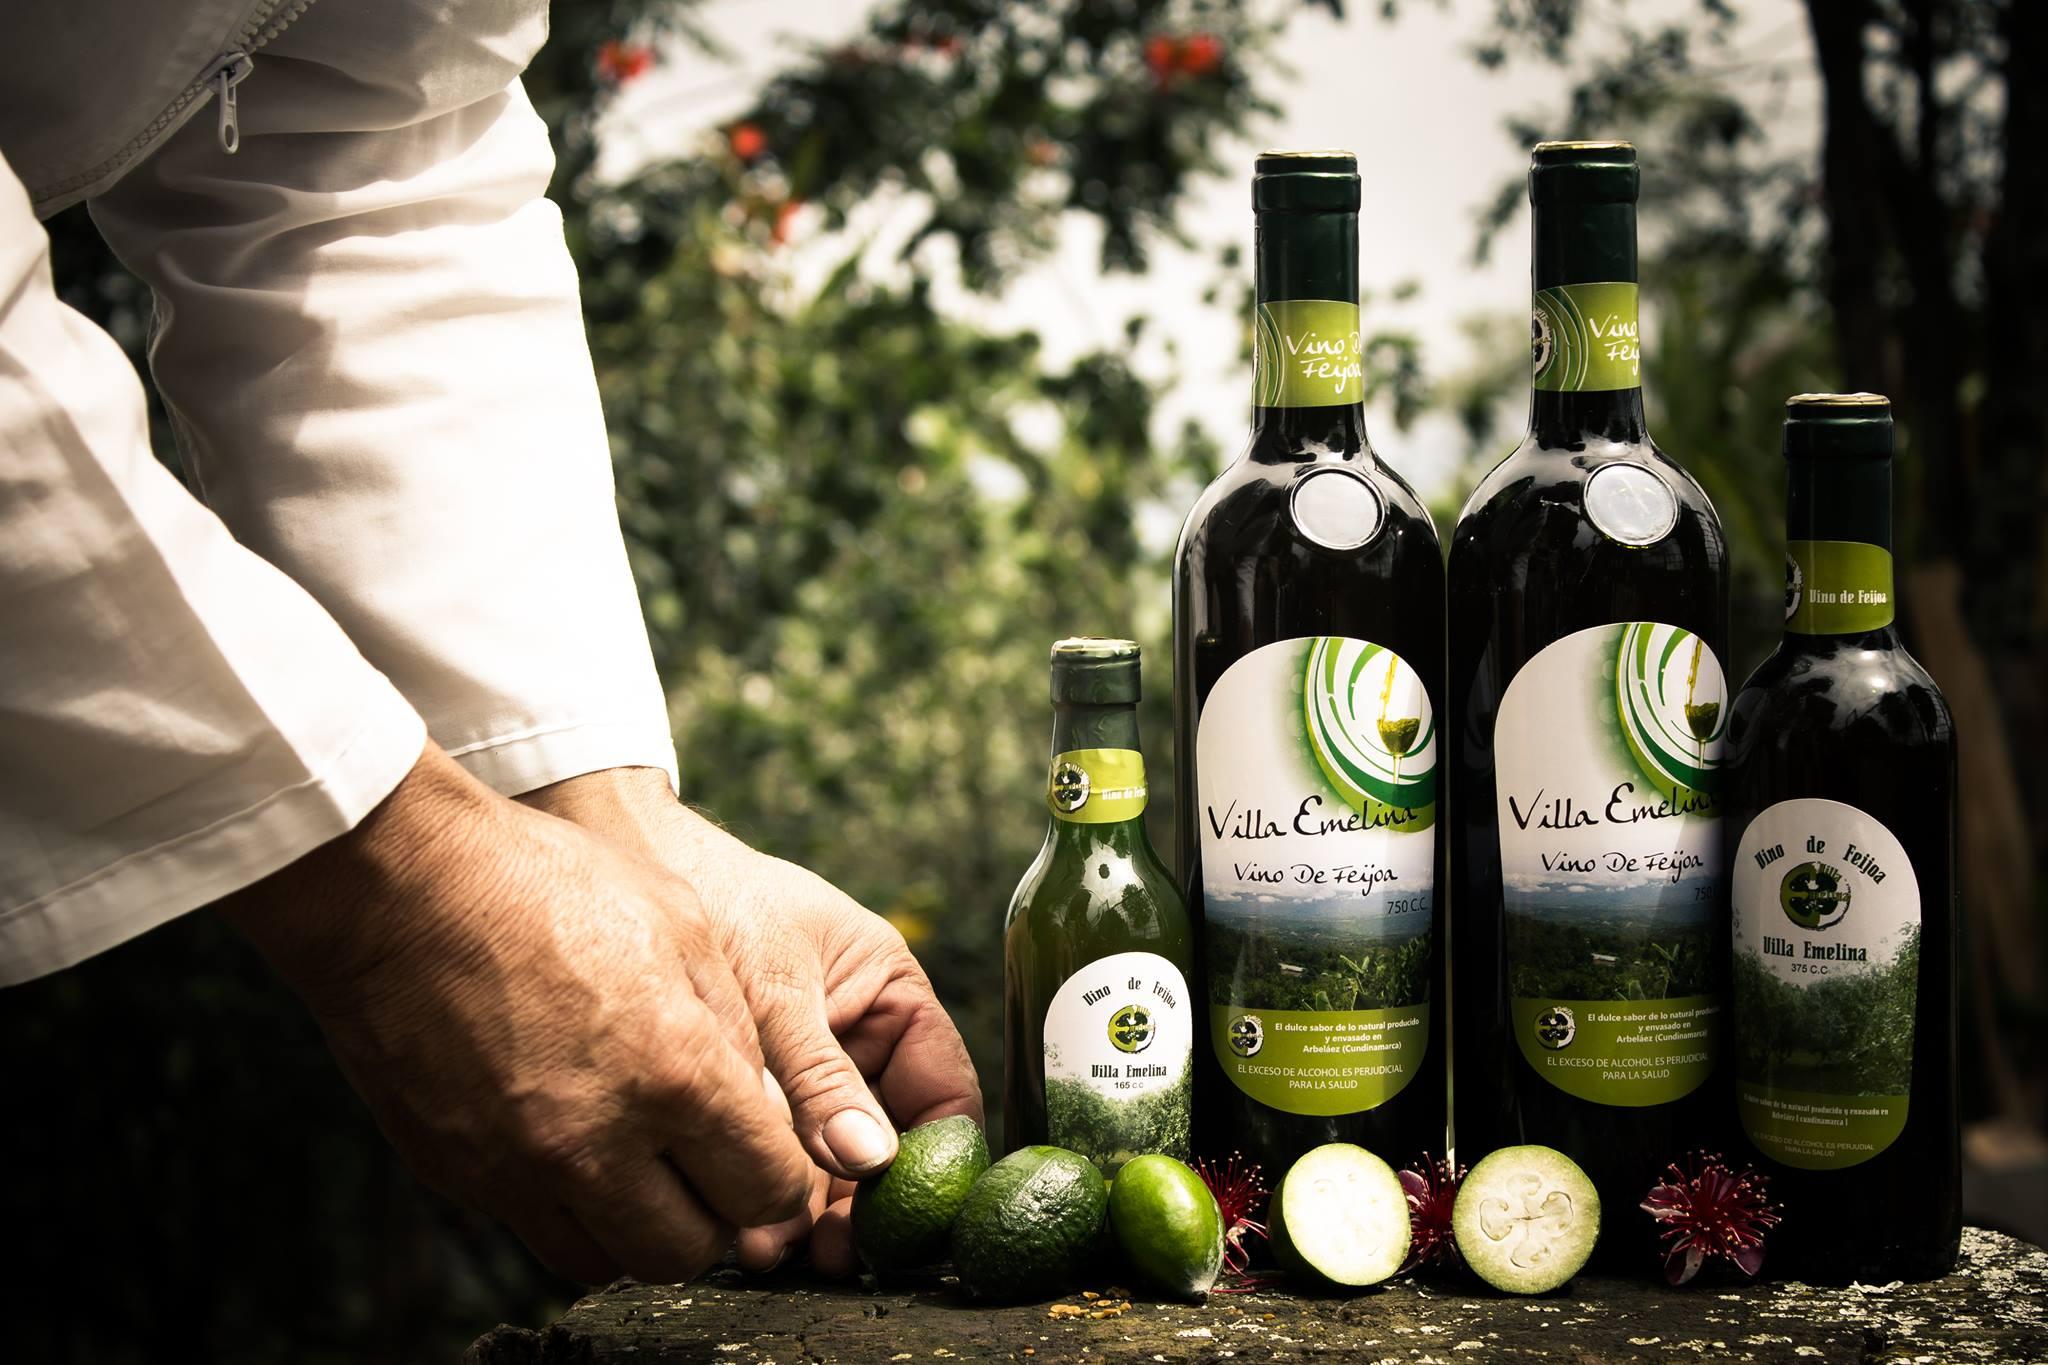 botellas vino de feijoa